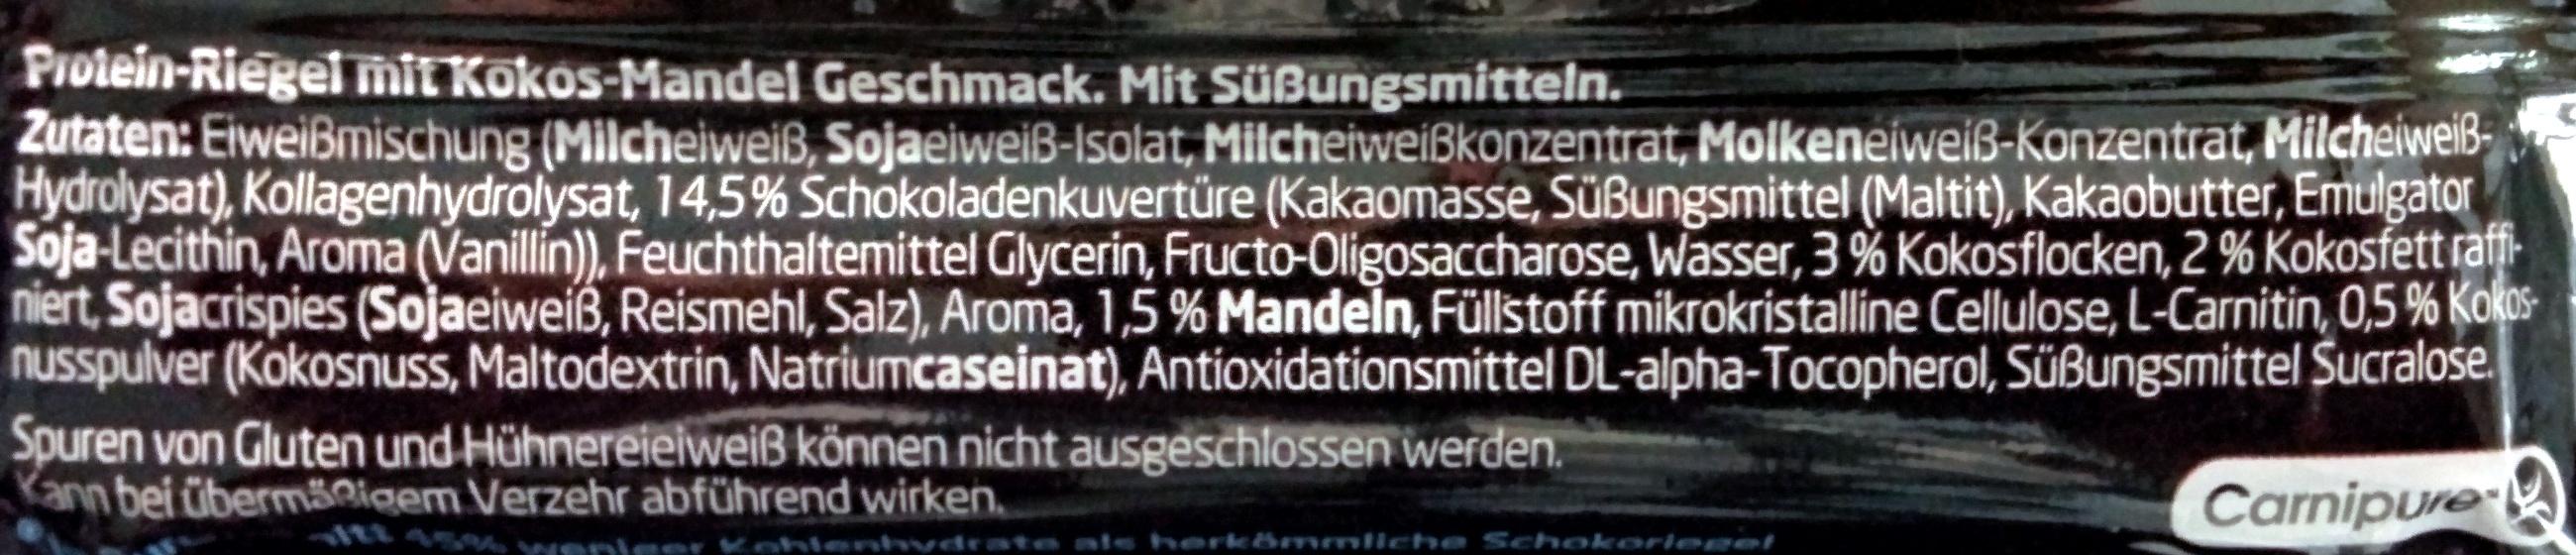 Protein Riegel Kokos-Mandel - Ingredients - de